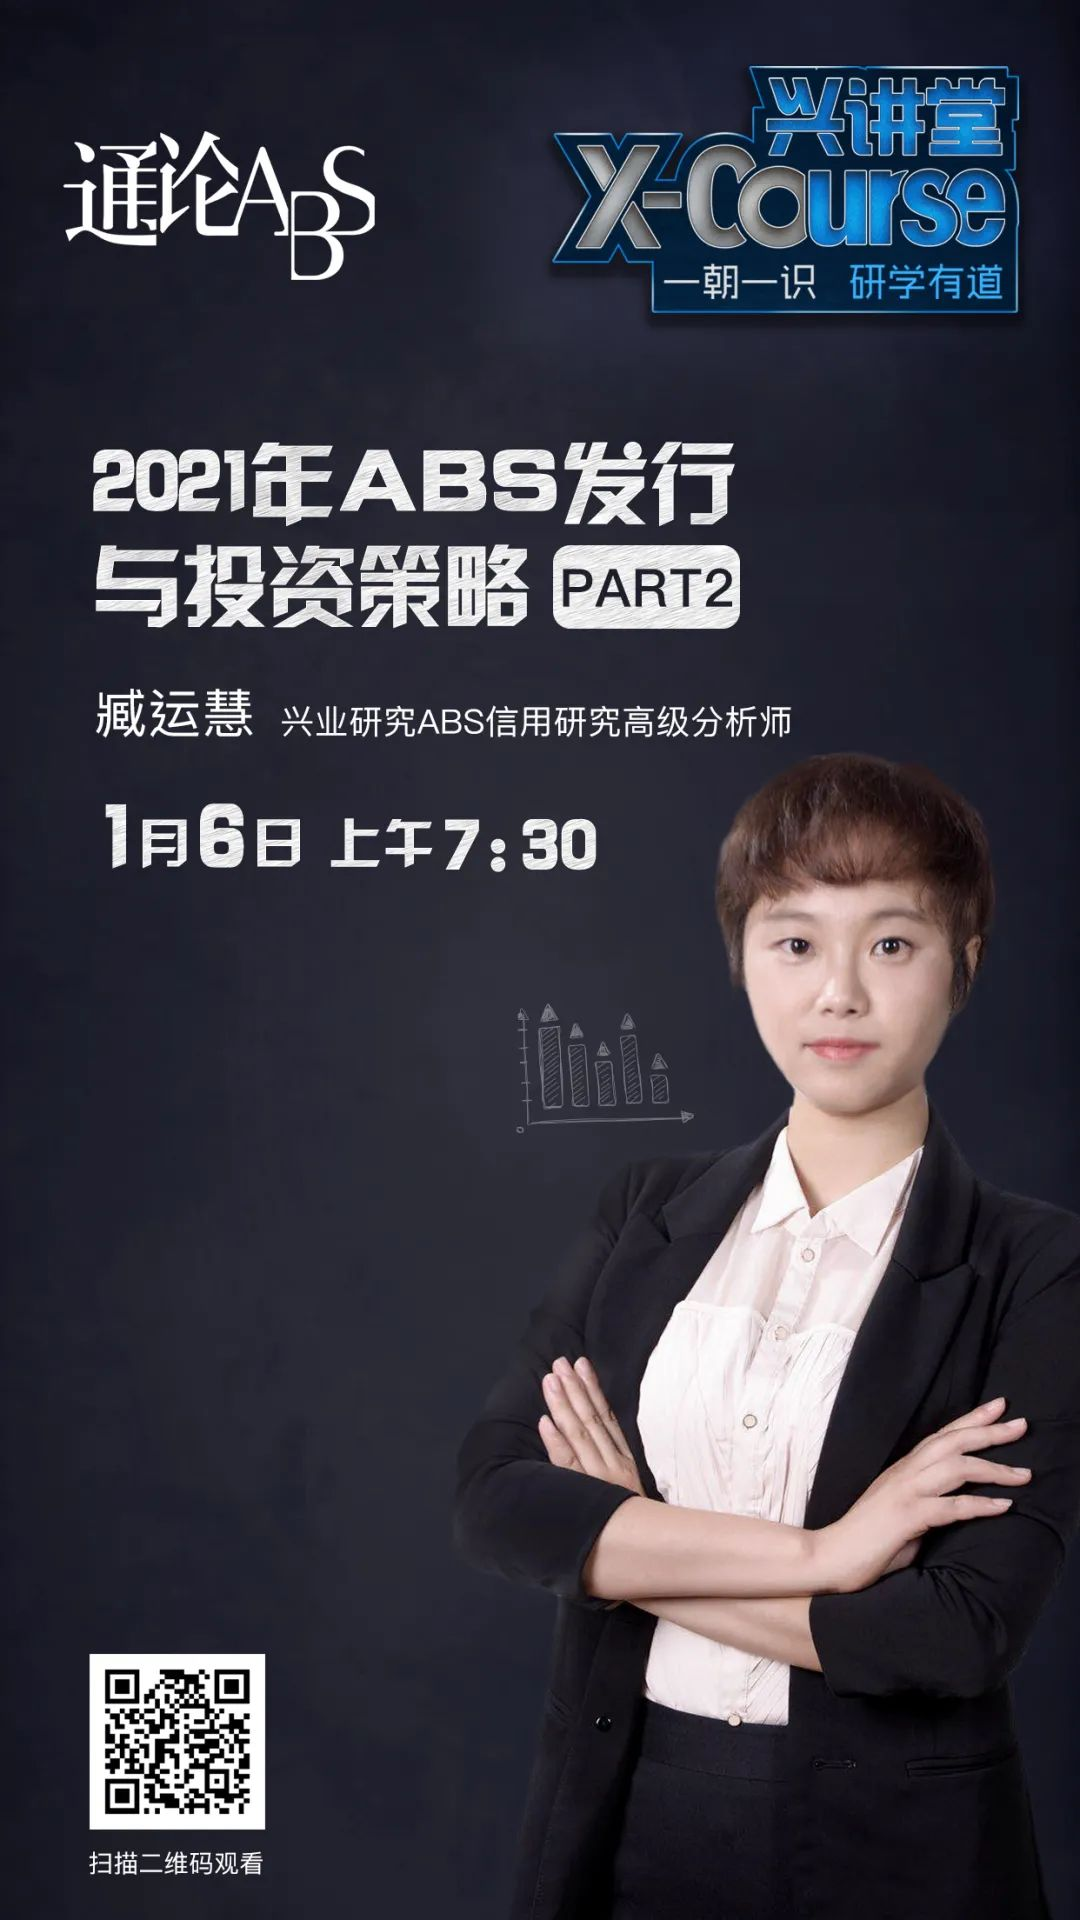 兴讲堂:2021年ABS发行与投资策略(PART2)